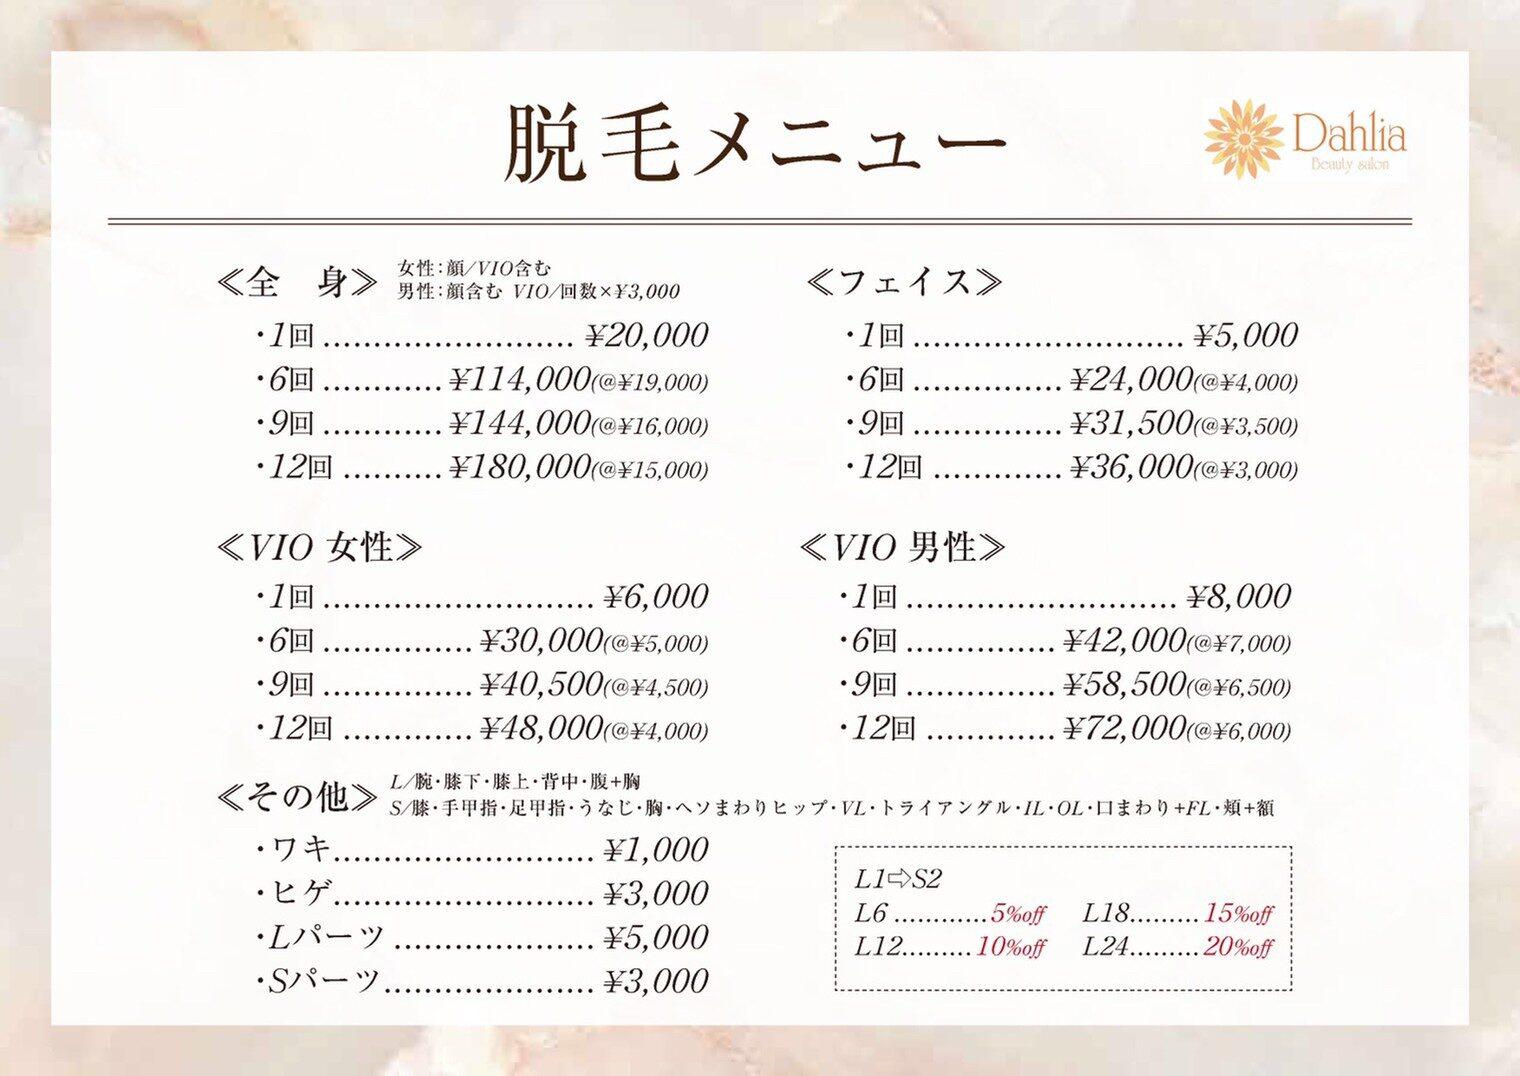 脱毛 <全身> 女性:顔・VIO含む男性:顔含む  VIO/回数×¥3,000 1回: ¥20,000 6回: ¥114,000 (@¥19,000) 9回: ¥144,000 (@¥16,000) 12回: ¥180,000 (@¥15,000)  <フェイス> 1回: ¥5,000 6回: ¥24,000 (@¥4,000) 9回: ¥31,500 (@¥3,500) 12回: ¥36,000 (@¥3,000)  <VIO 女性> 1回: ¥6,000 6回: ¥30,000(@¥5,000) 9回: ¥40,500(@¥4,500) 12回: ¥48,000(@¥4,000)  <VIO 男性> 1回: ¥8,000 6回: ¥42,000(@¥7,000) 9回: ¥58,000(@¥6,500) 12回: ¥72,000(@¥6,000)  <その他> ワキ: ¥1,000 ヒゲ: ¥3,000 Lパーツ: ¥5,000 Sパーツ: ¥3,000  L/腕・膝下・膝上・背中・腹+胸 S/膝・手甲指・足甲指・うなじ・胸・へそまわり・ヒップ・ VL・トライアングル・IL・OL・口まわり+FL・頬+額   L1→S2 L6....................5% off    L18..................15% off L12.............. 10% off     L24..................20% off